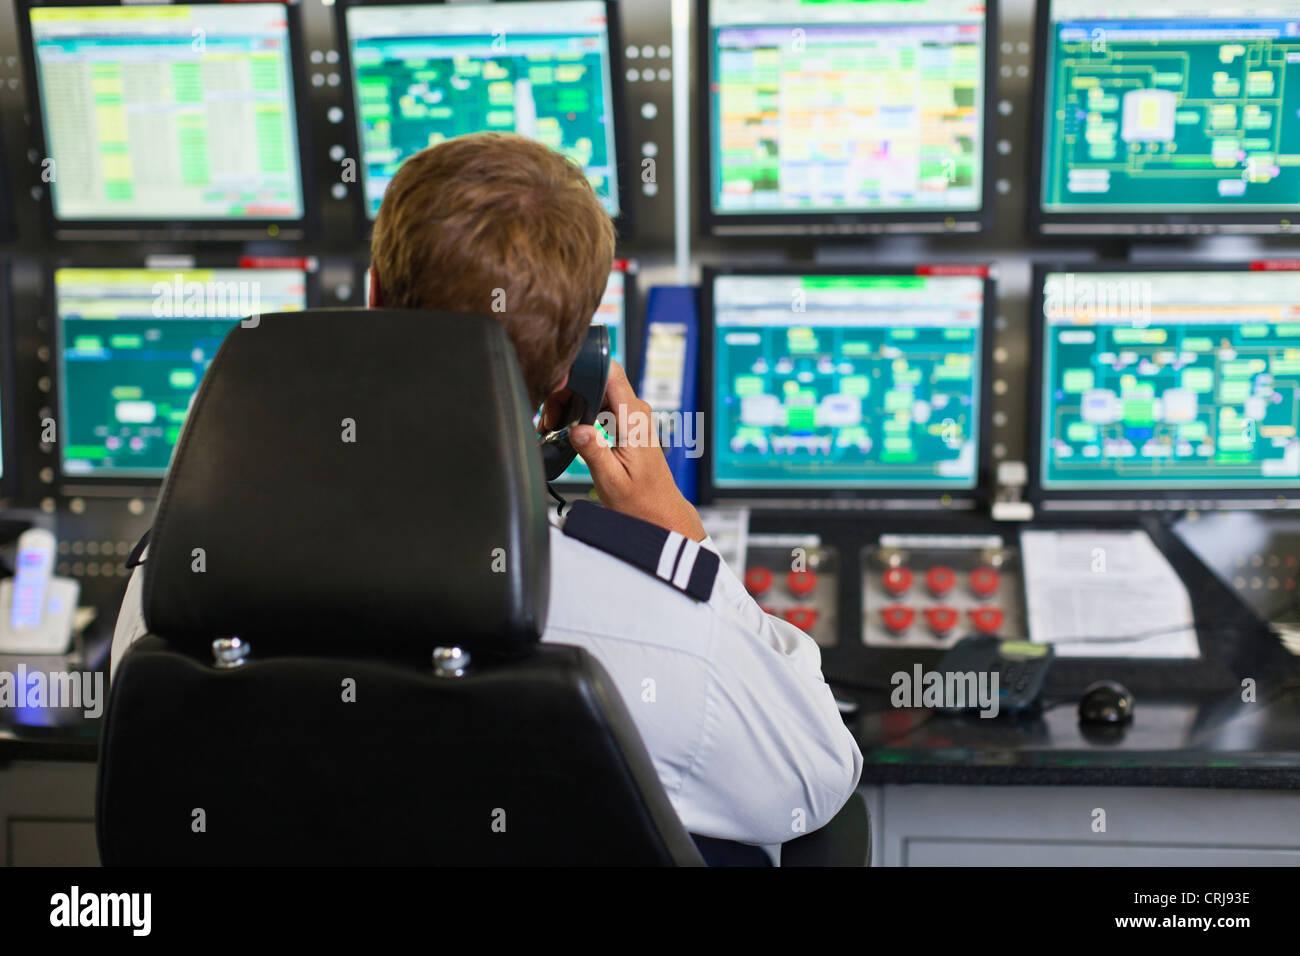 Hombre trabajando en la sala de control de seguridad Imagen De Stock